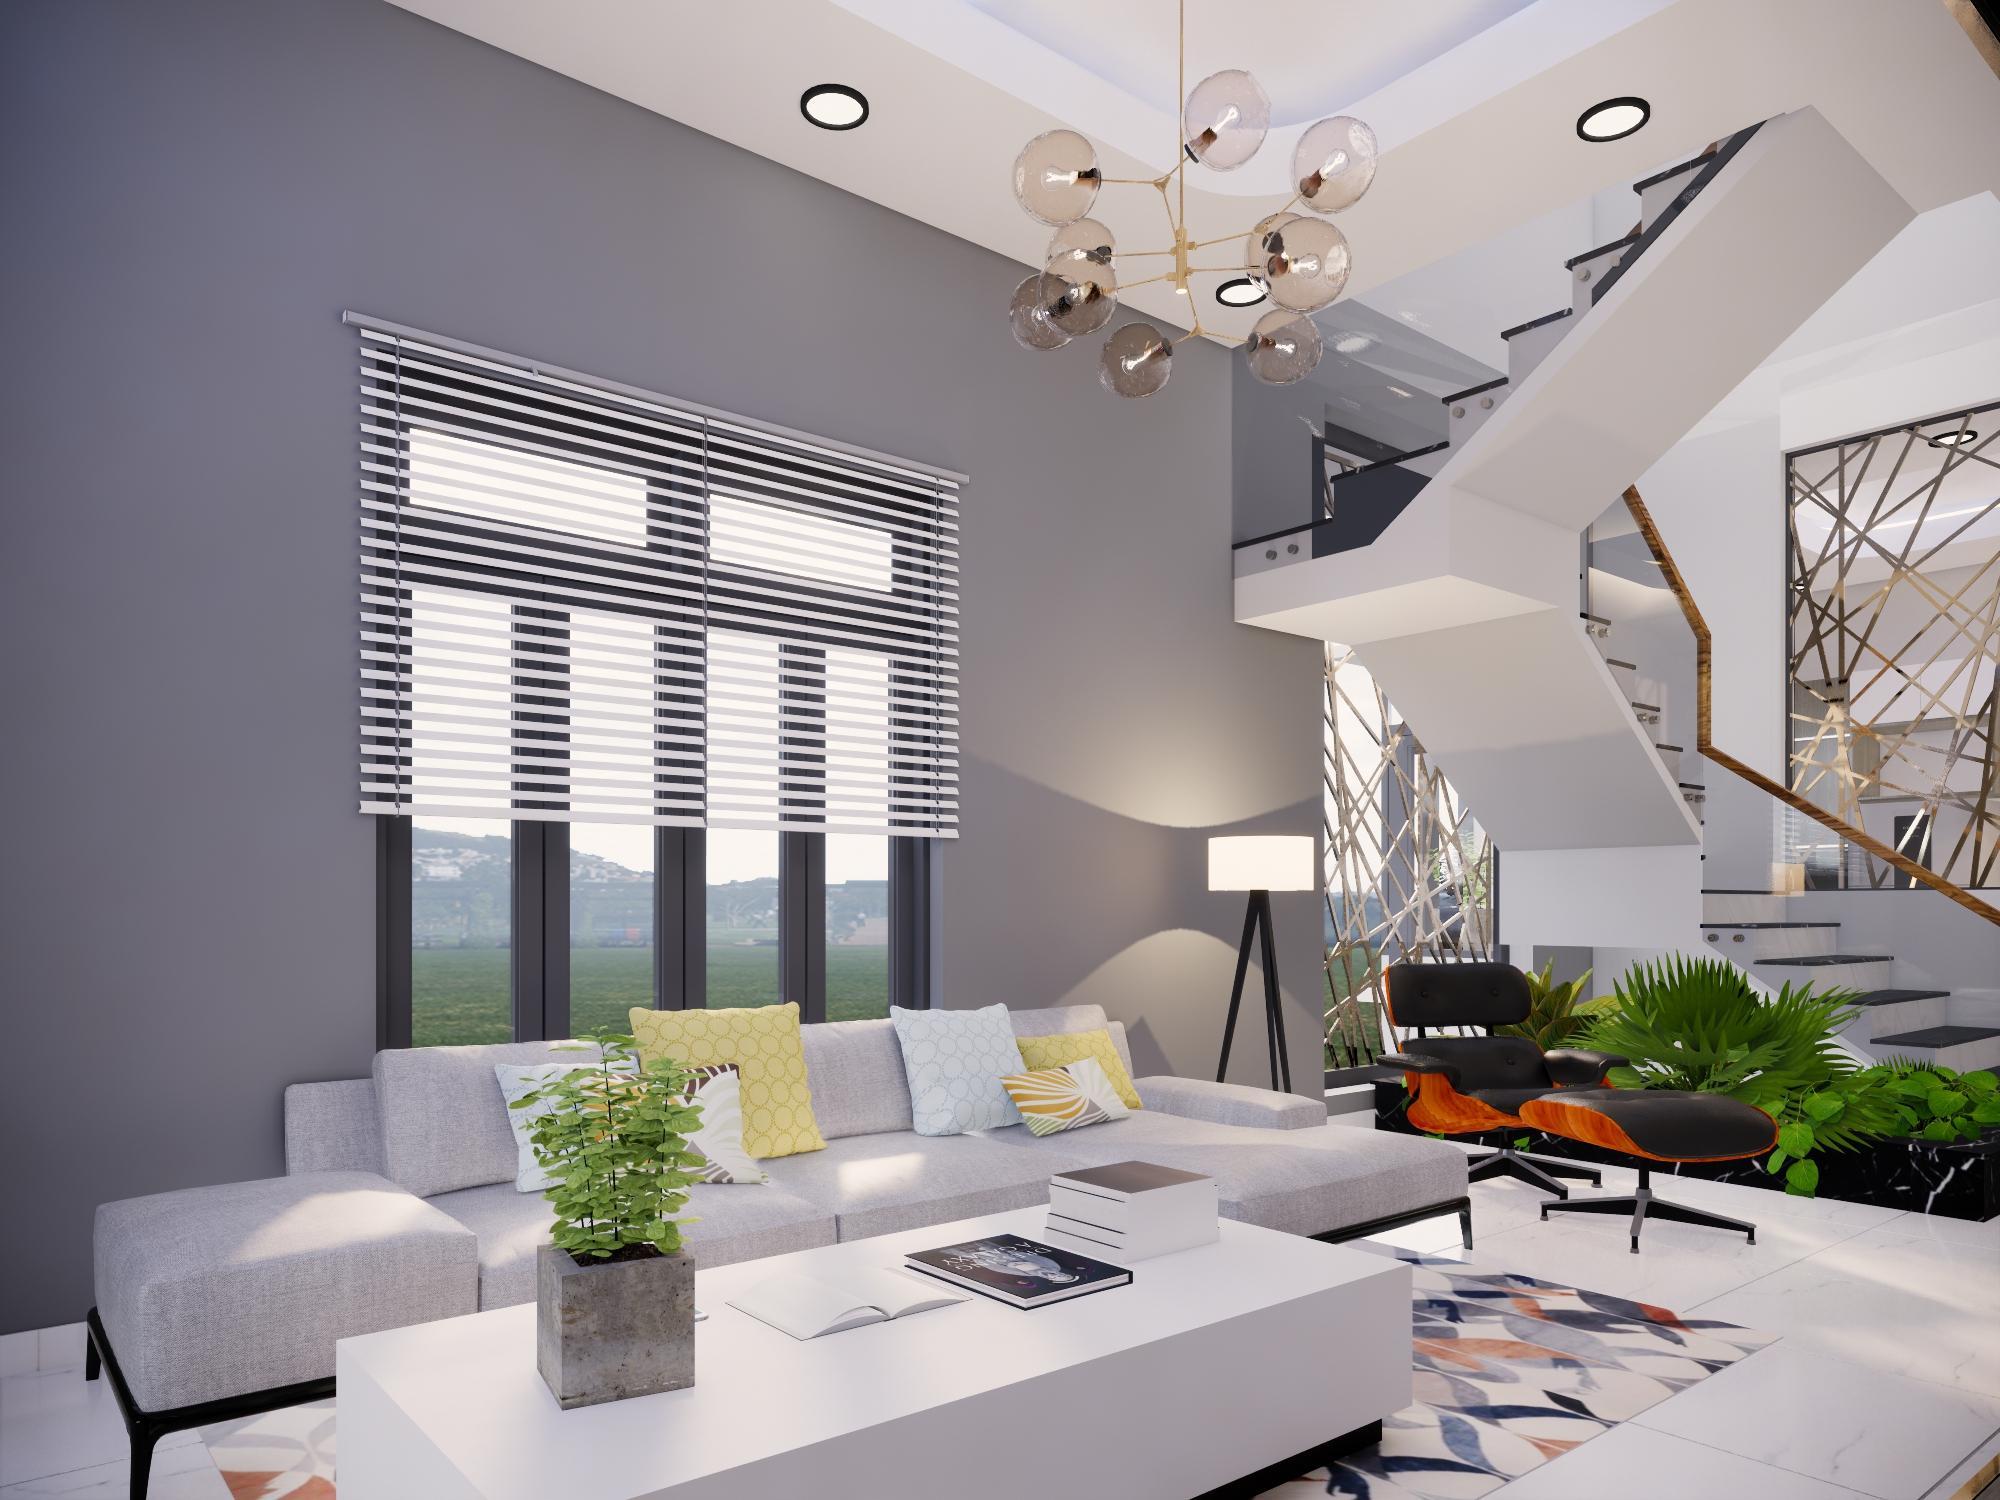 Thiết kế nội thất Nhà tại Bình Thuận NHÀ PHỐ I TRẦN THỊ PHƯƠNG LAN 1574139985 3